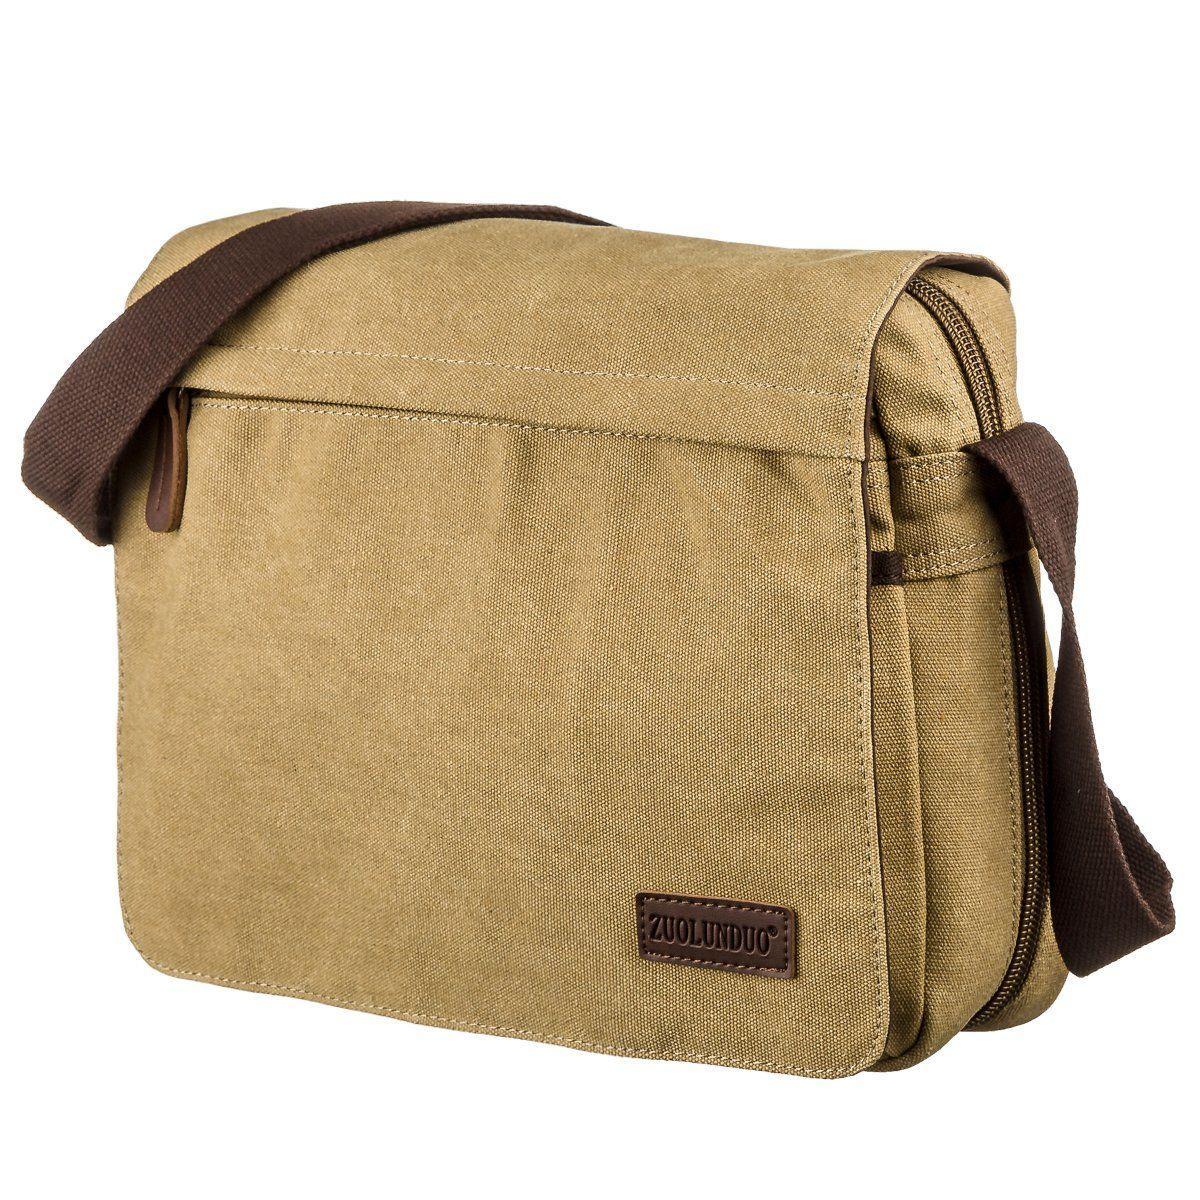 Текстильная сумка для ноутбука 13 дюймов через плечо Vintage 20188 Хаки